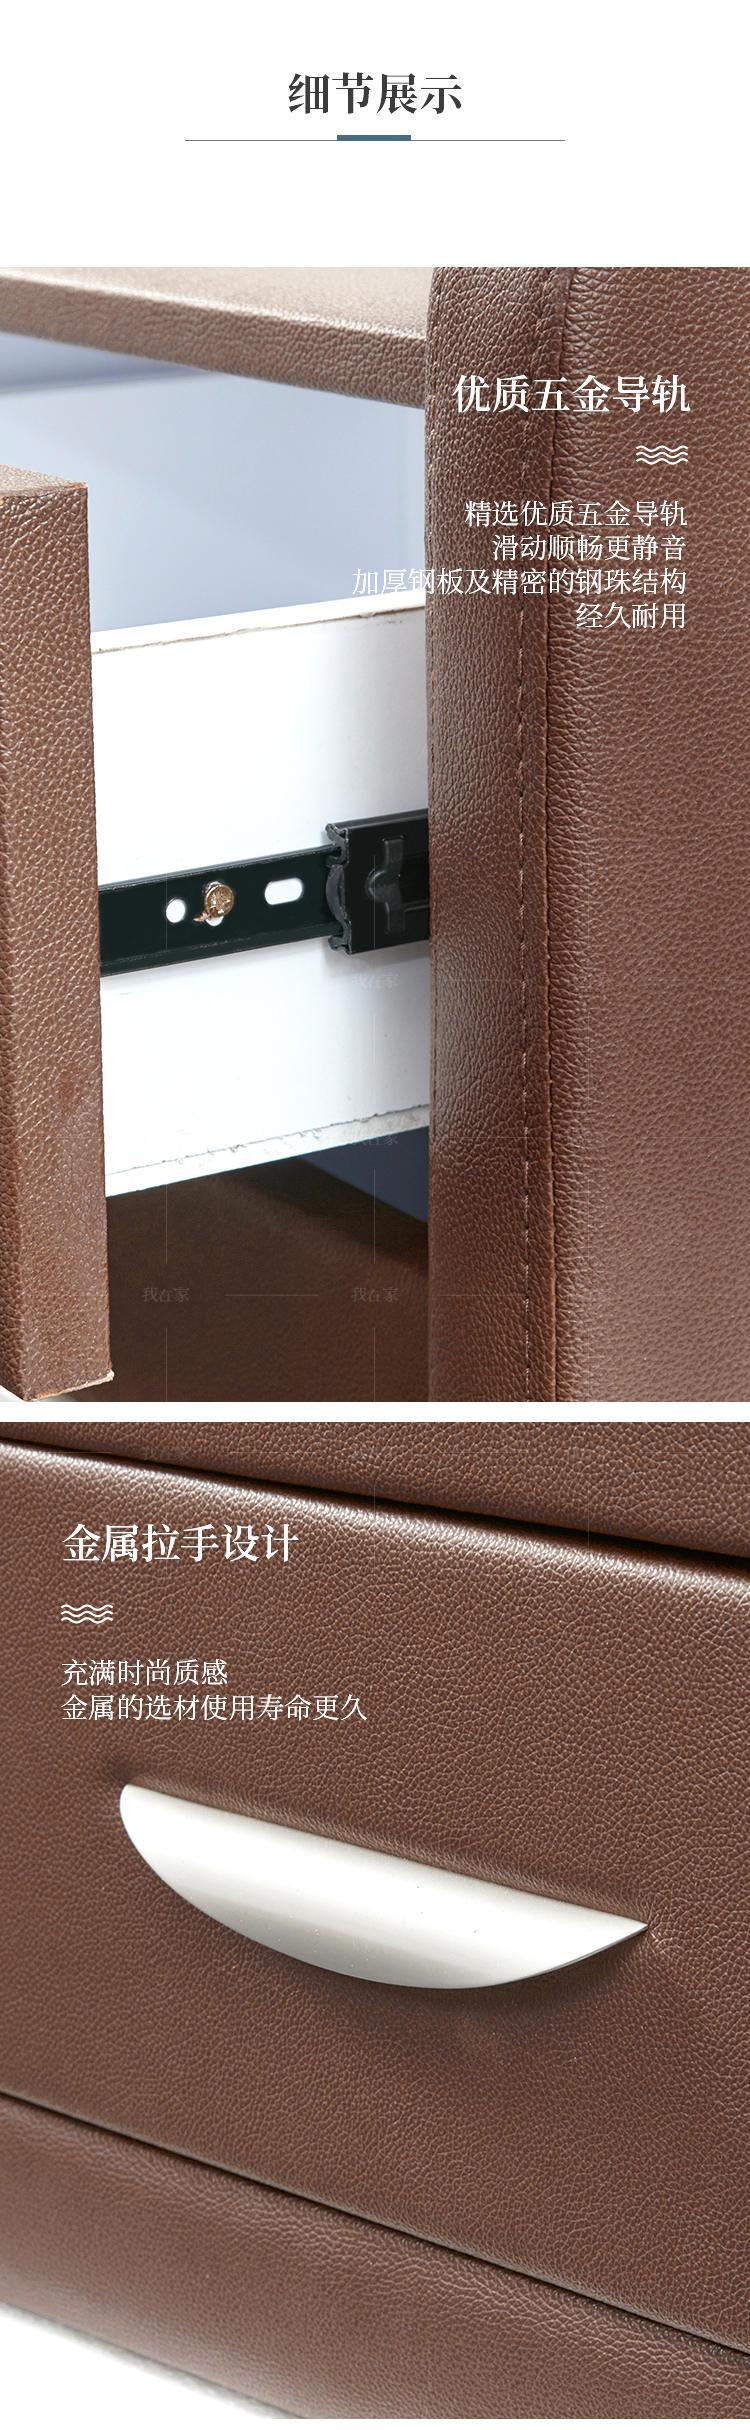 现代简约风格蒙特床头柜的家具详细介绍